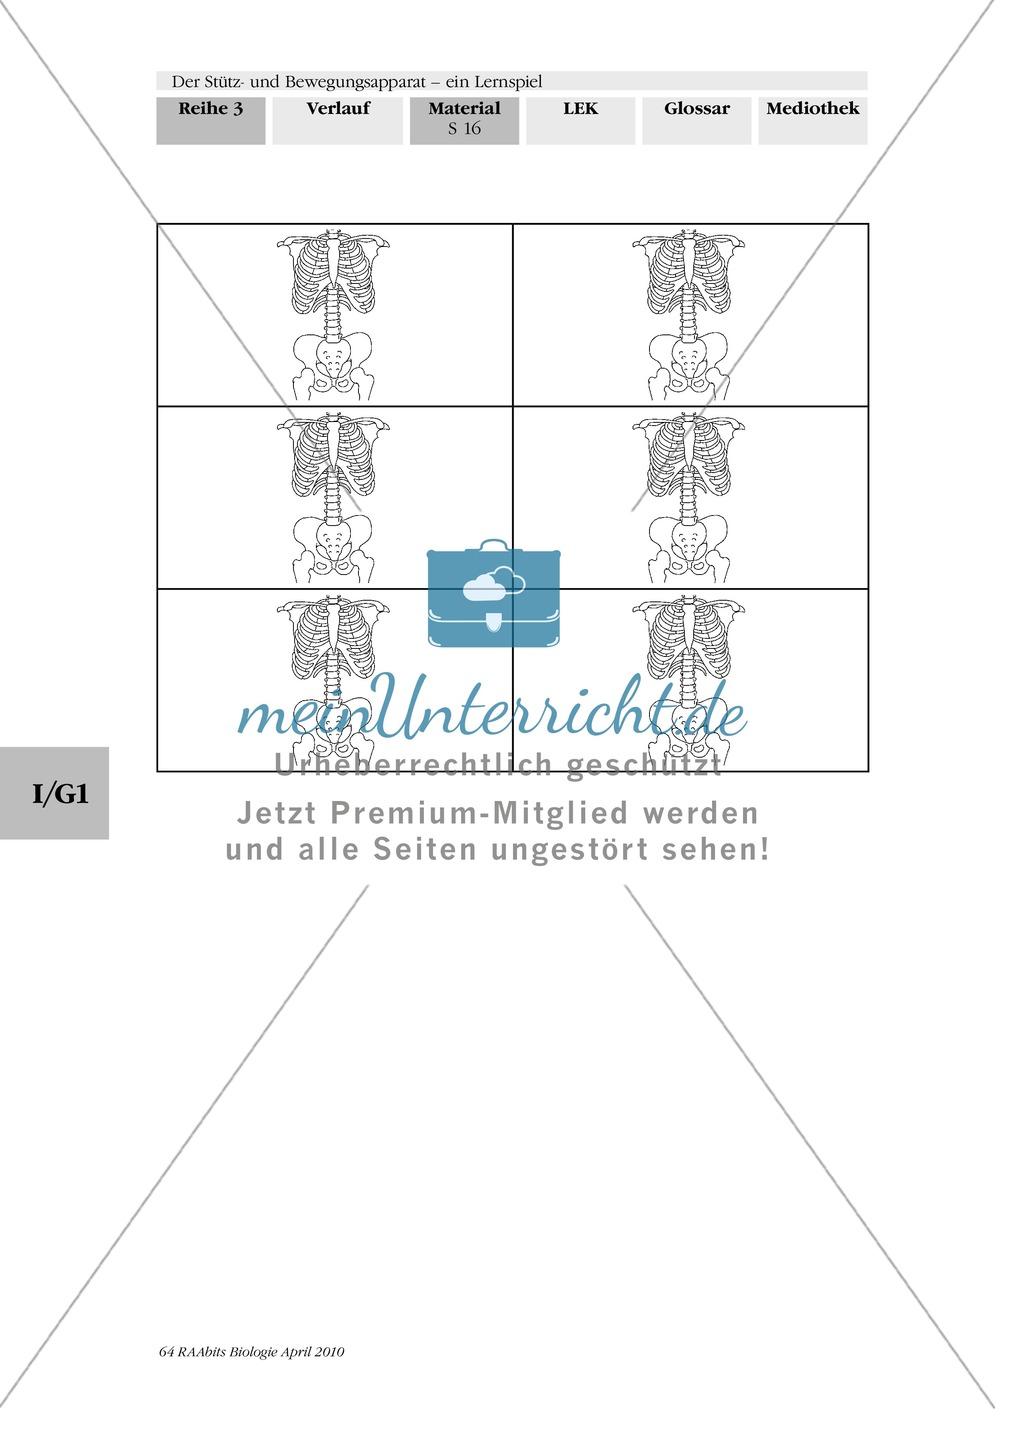 Lernspiel zum Stütz- und Bewegungsapparat: Spielanleitung, Spielfeld, Skelett-Puzzleteile, Fragen, Spielkarten, Röntgenbilder Kontrollbogen, Lösungsbogen Preview 14